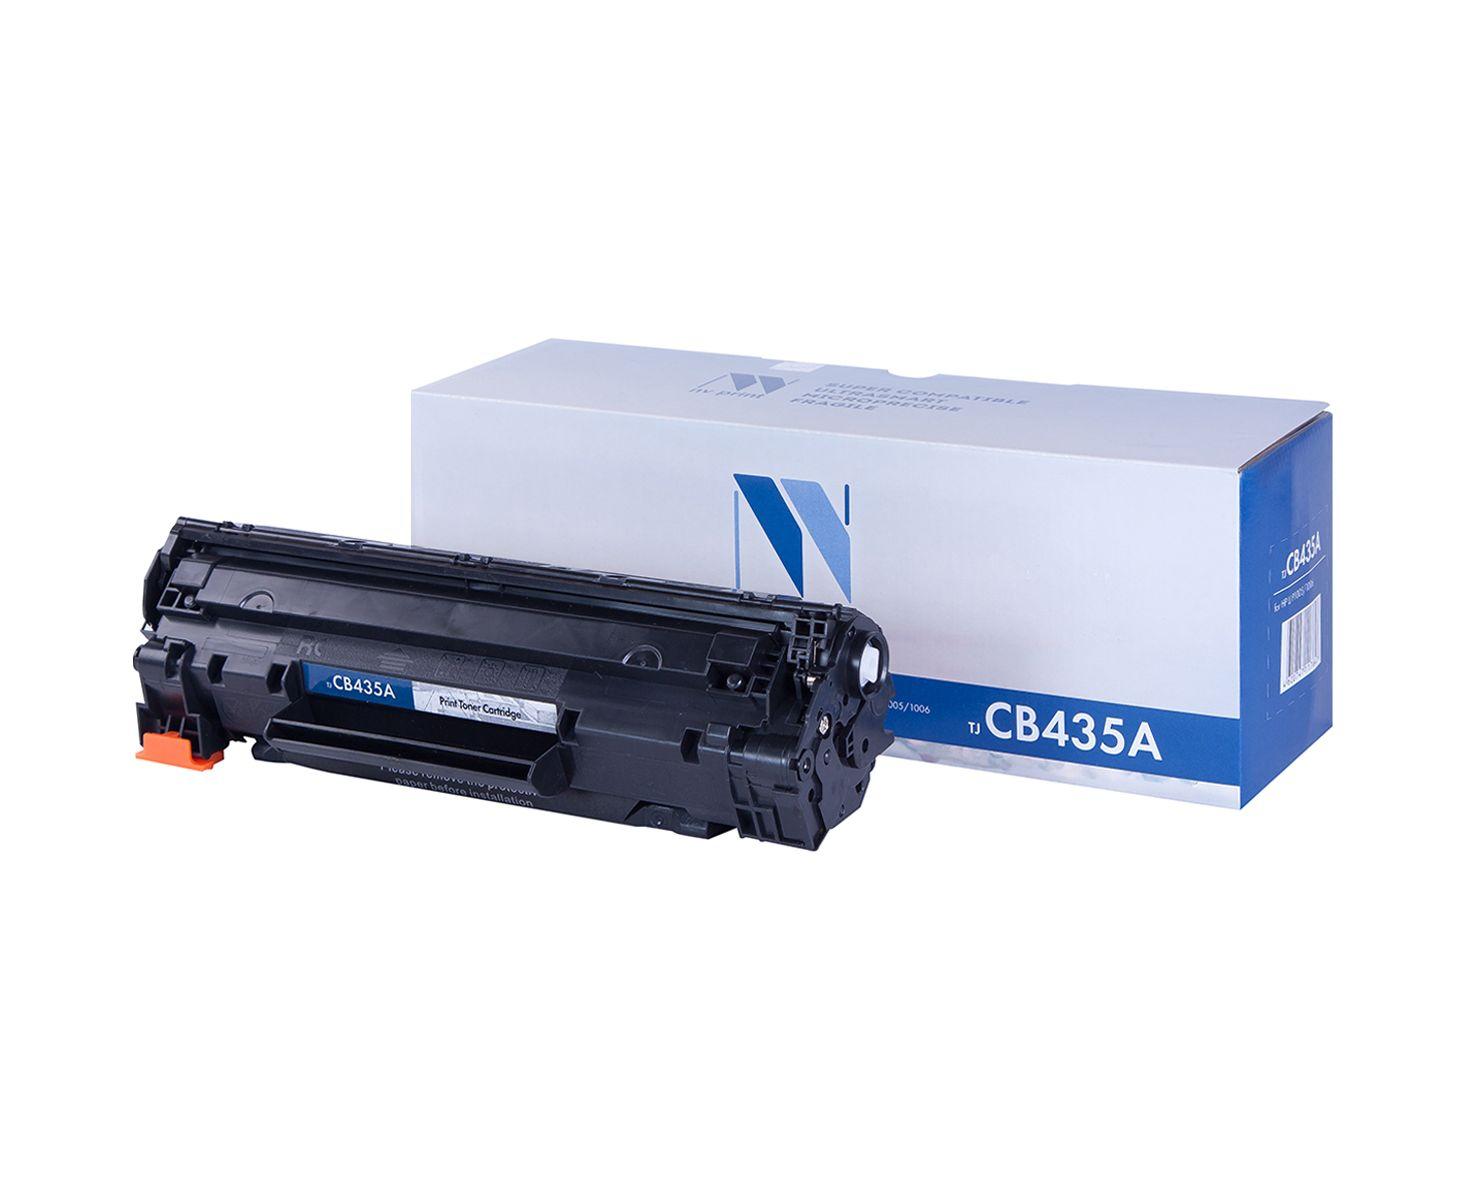 Картридж для лазерного принтера NV Print CB435A, черный NV-CB435A